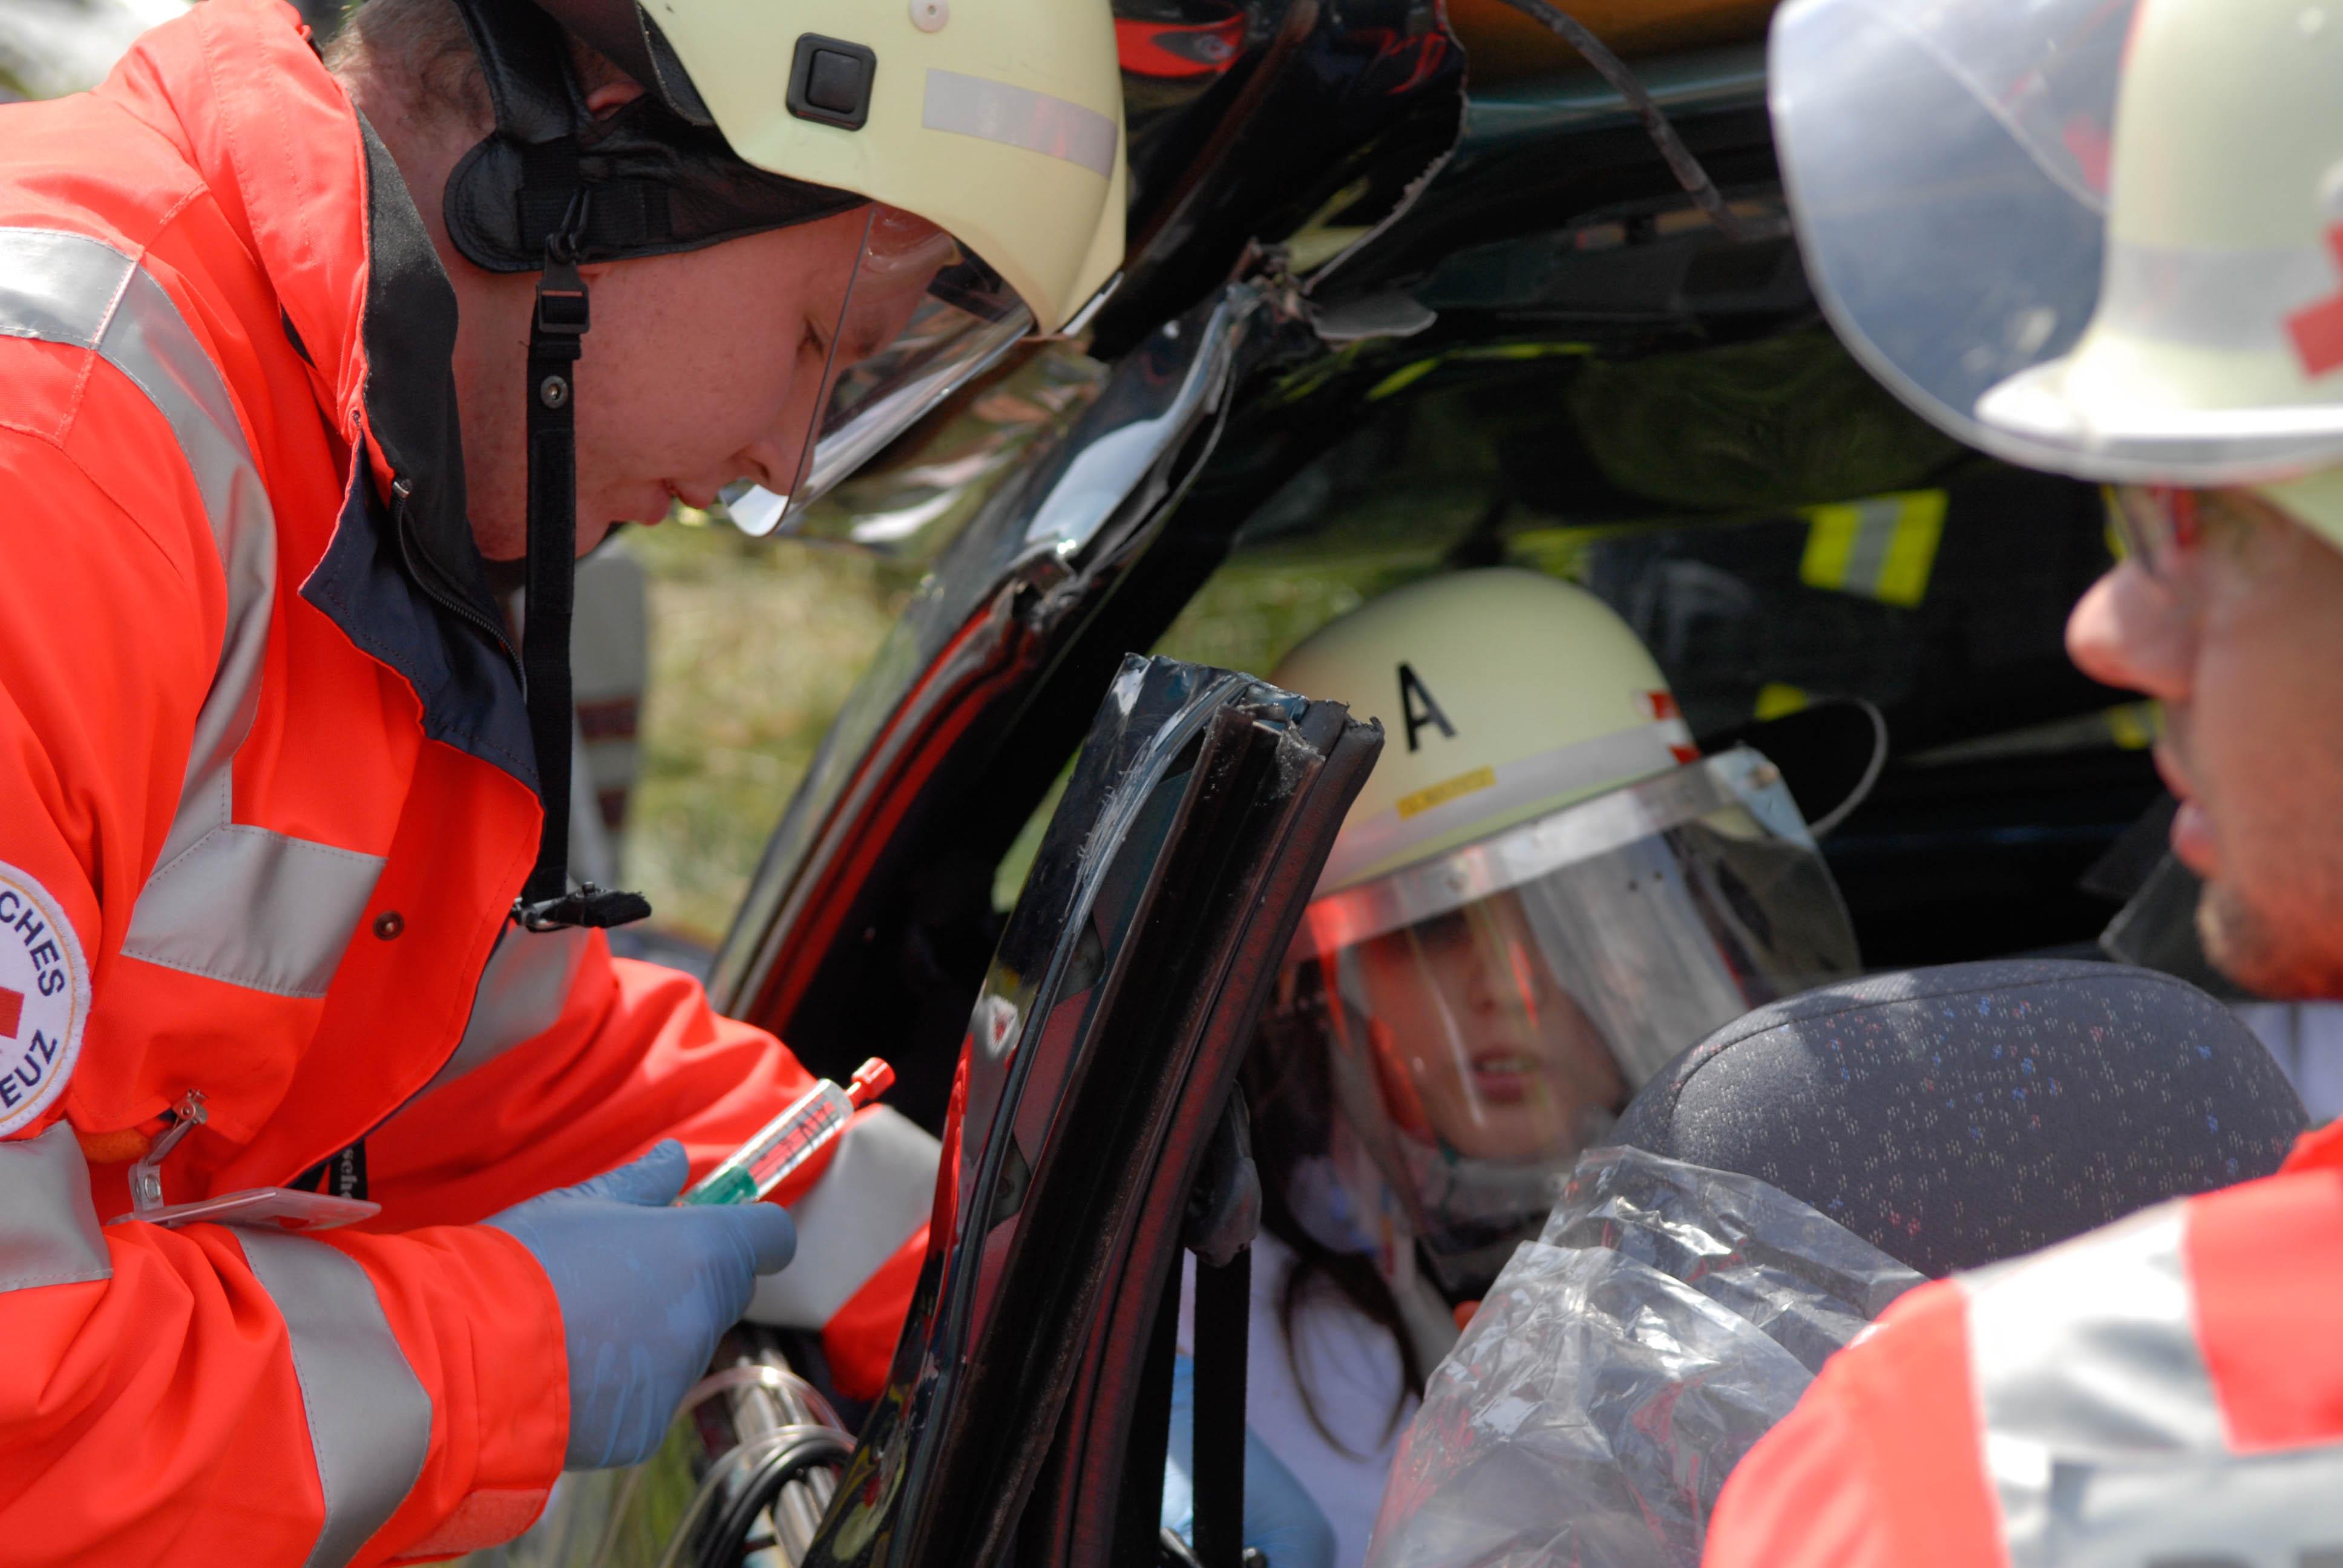 Du möchtest erste Erfahrungen im Rettungsdienst sammeln? Du möchtest Dich  beruflich orientieren, oder die Zeit bis zum Studienbeginn sinnvoll  überbrücken?